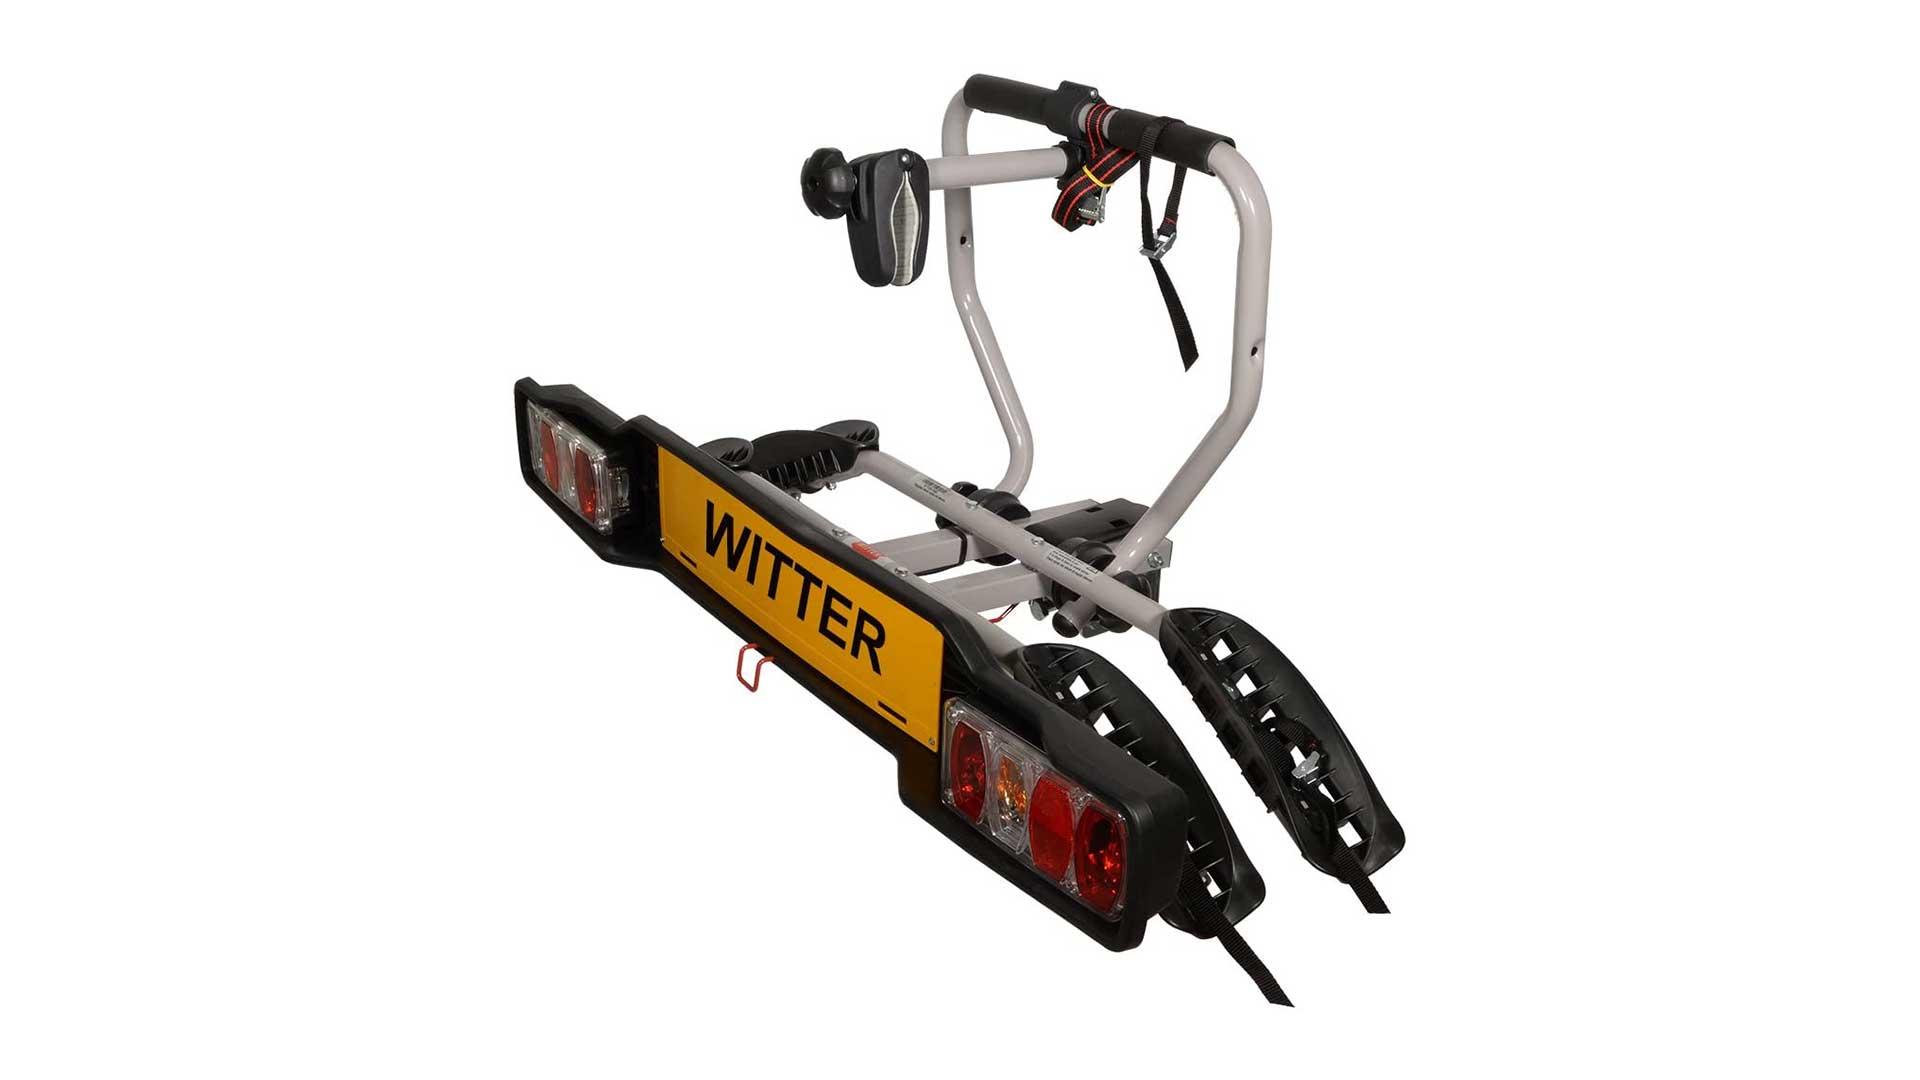 witter towbar mounted bike rack zx202